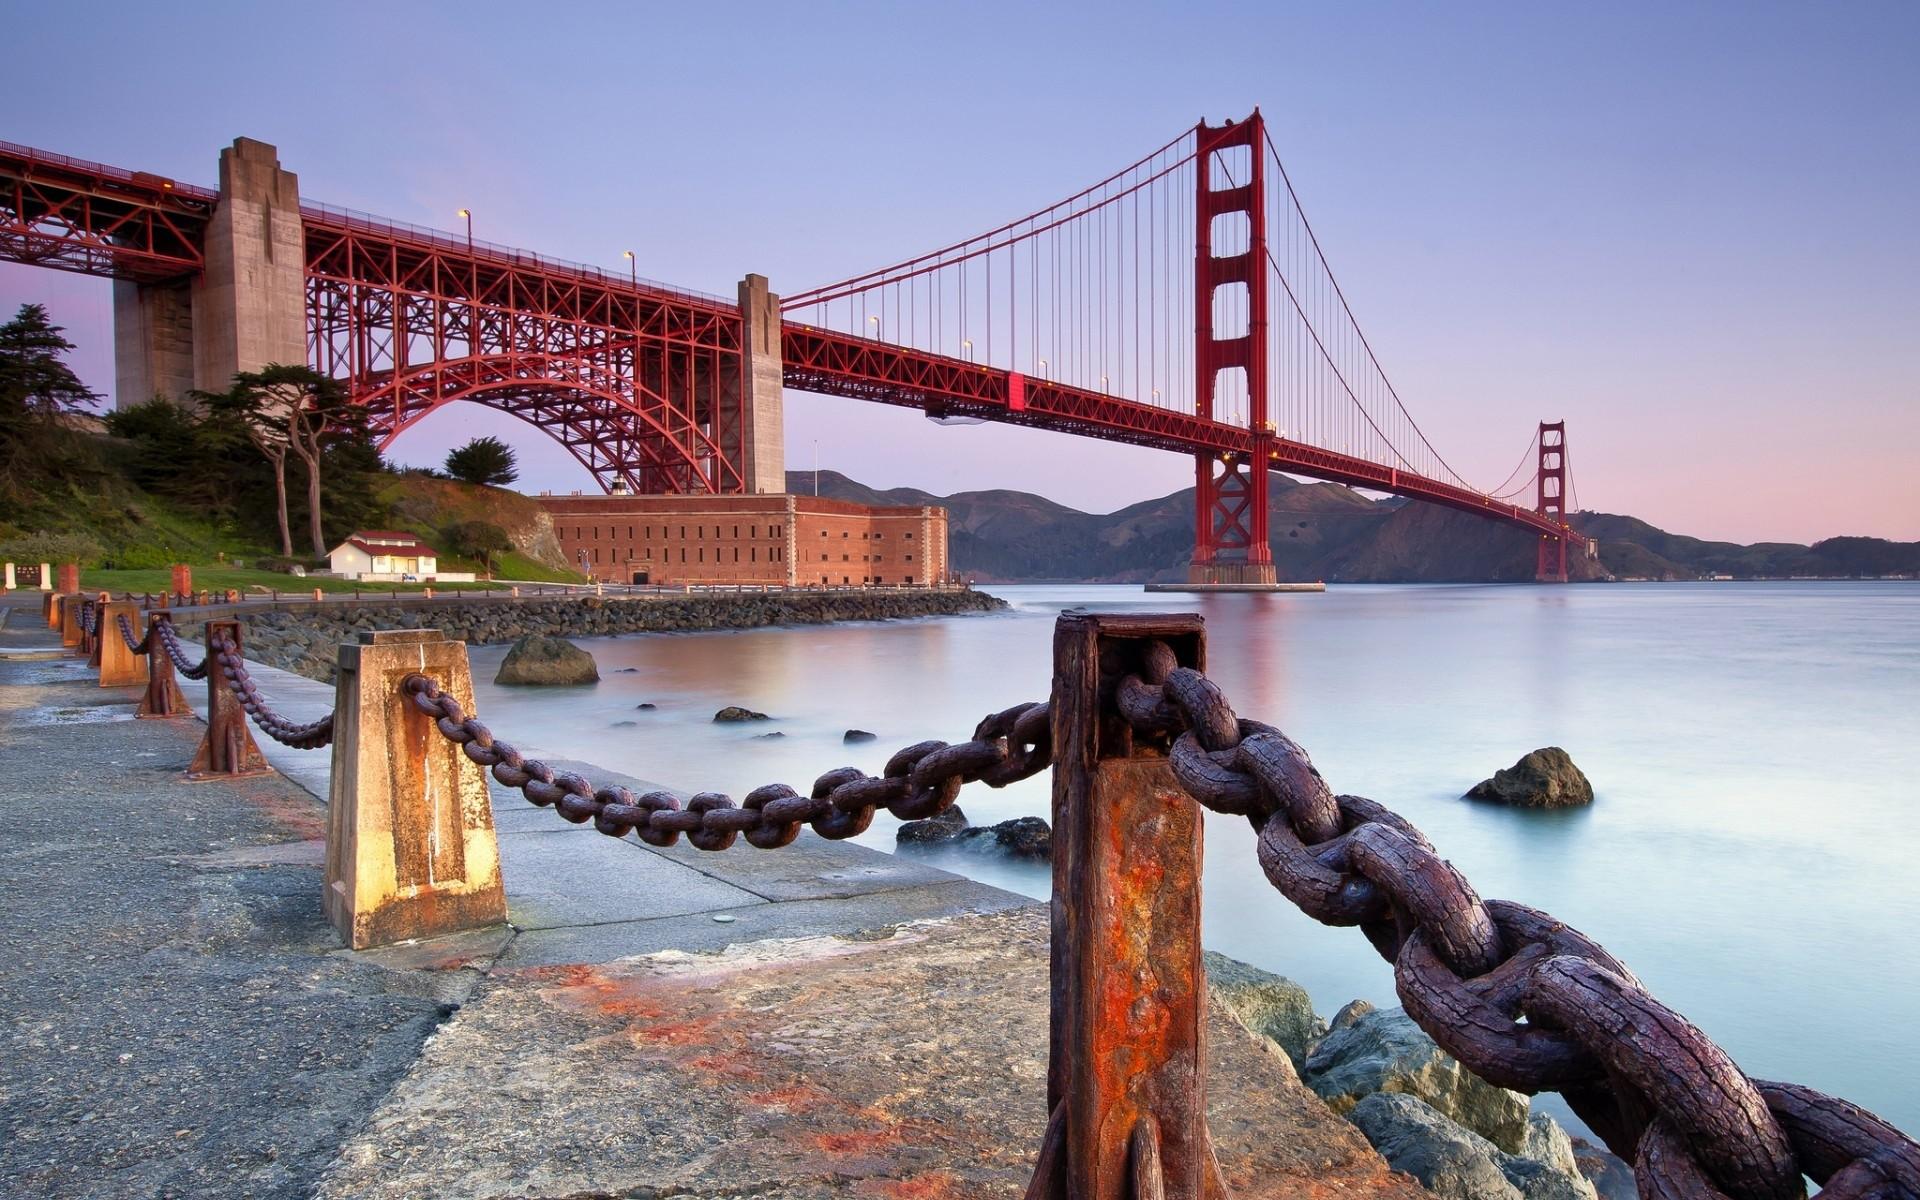 красивые фото на ватсап мосты кратко